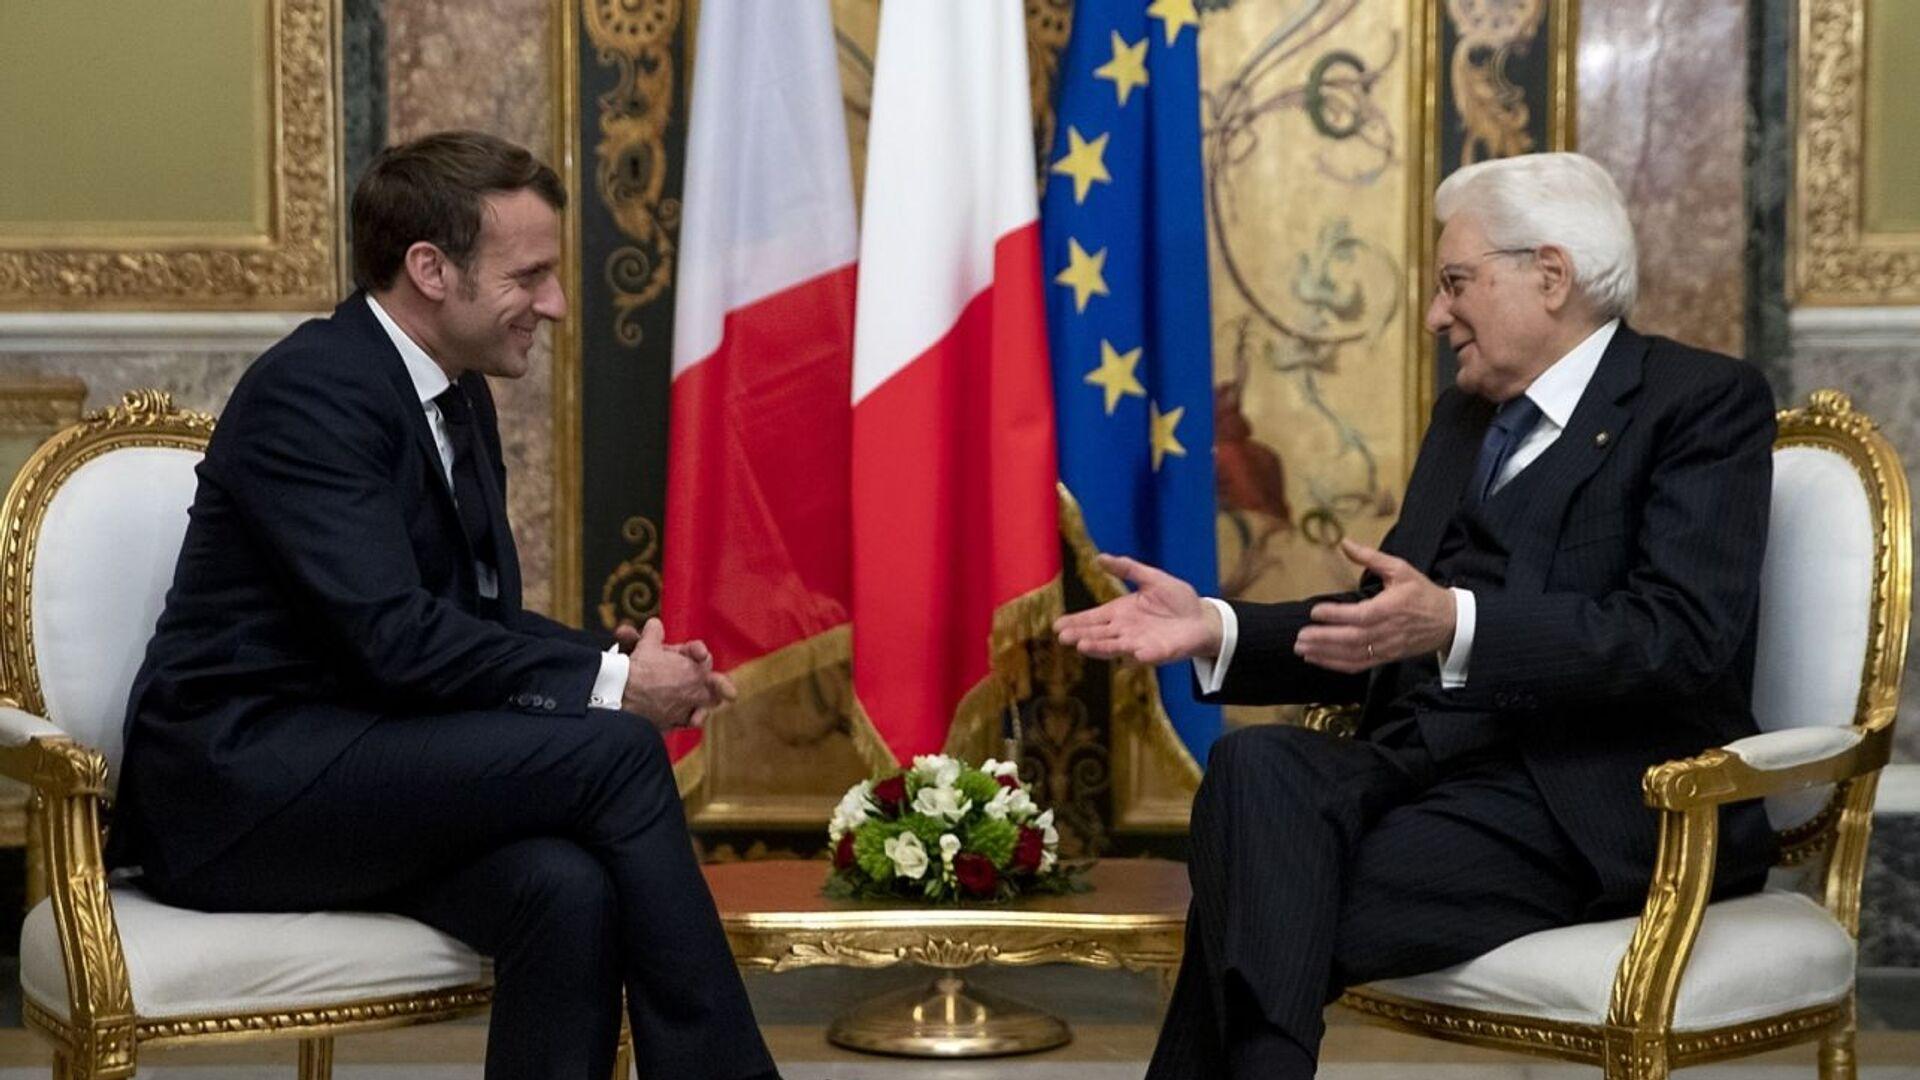 Presidente francese Emmanuel Macron e Presidente italiano Sergio Mattarella in un incontro di febbraio 2020 - Sputnik Italia, 1920, 04.07.2021